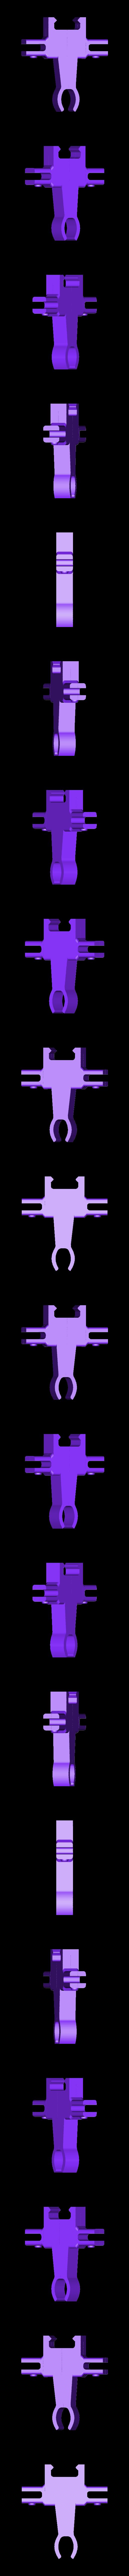 socket_1-4_TwoSided_-_Tool_Support.stl Télécharger fichier STL gratuit Organiseur de prises avec rail, double • Objet pour impression 3D, danielscatigno